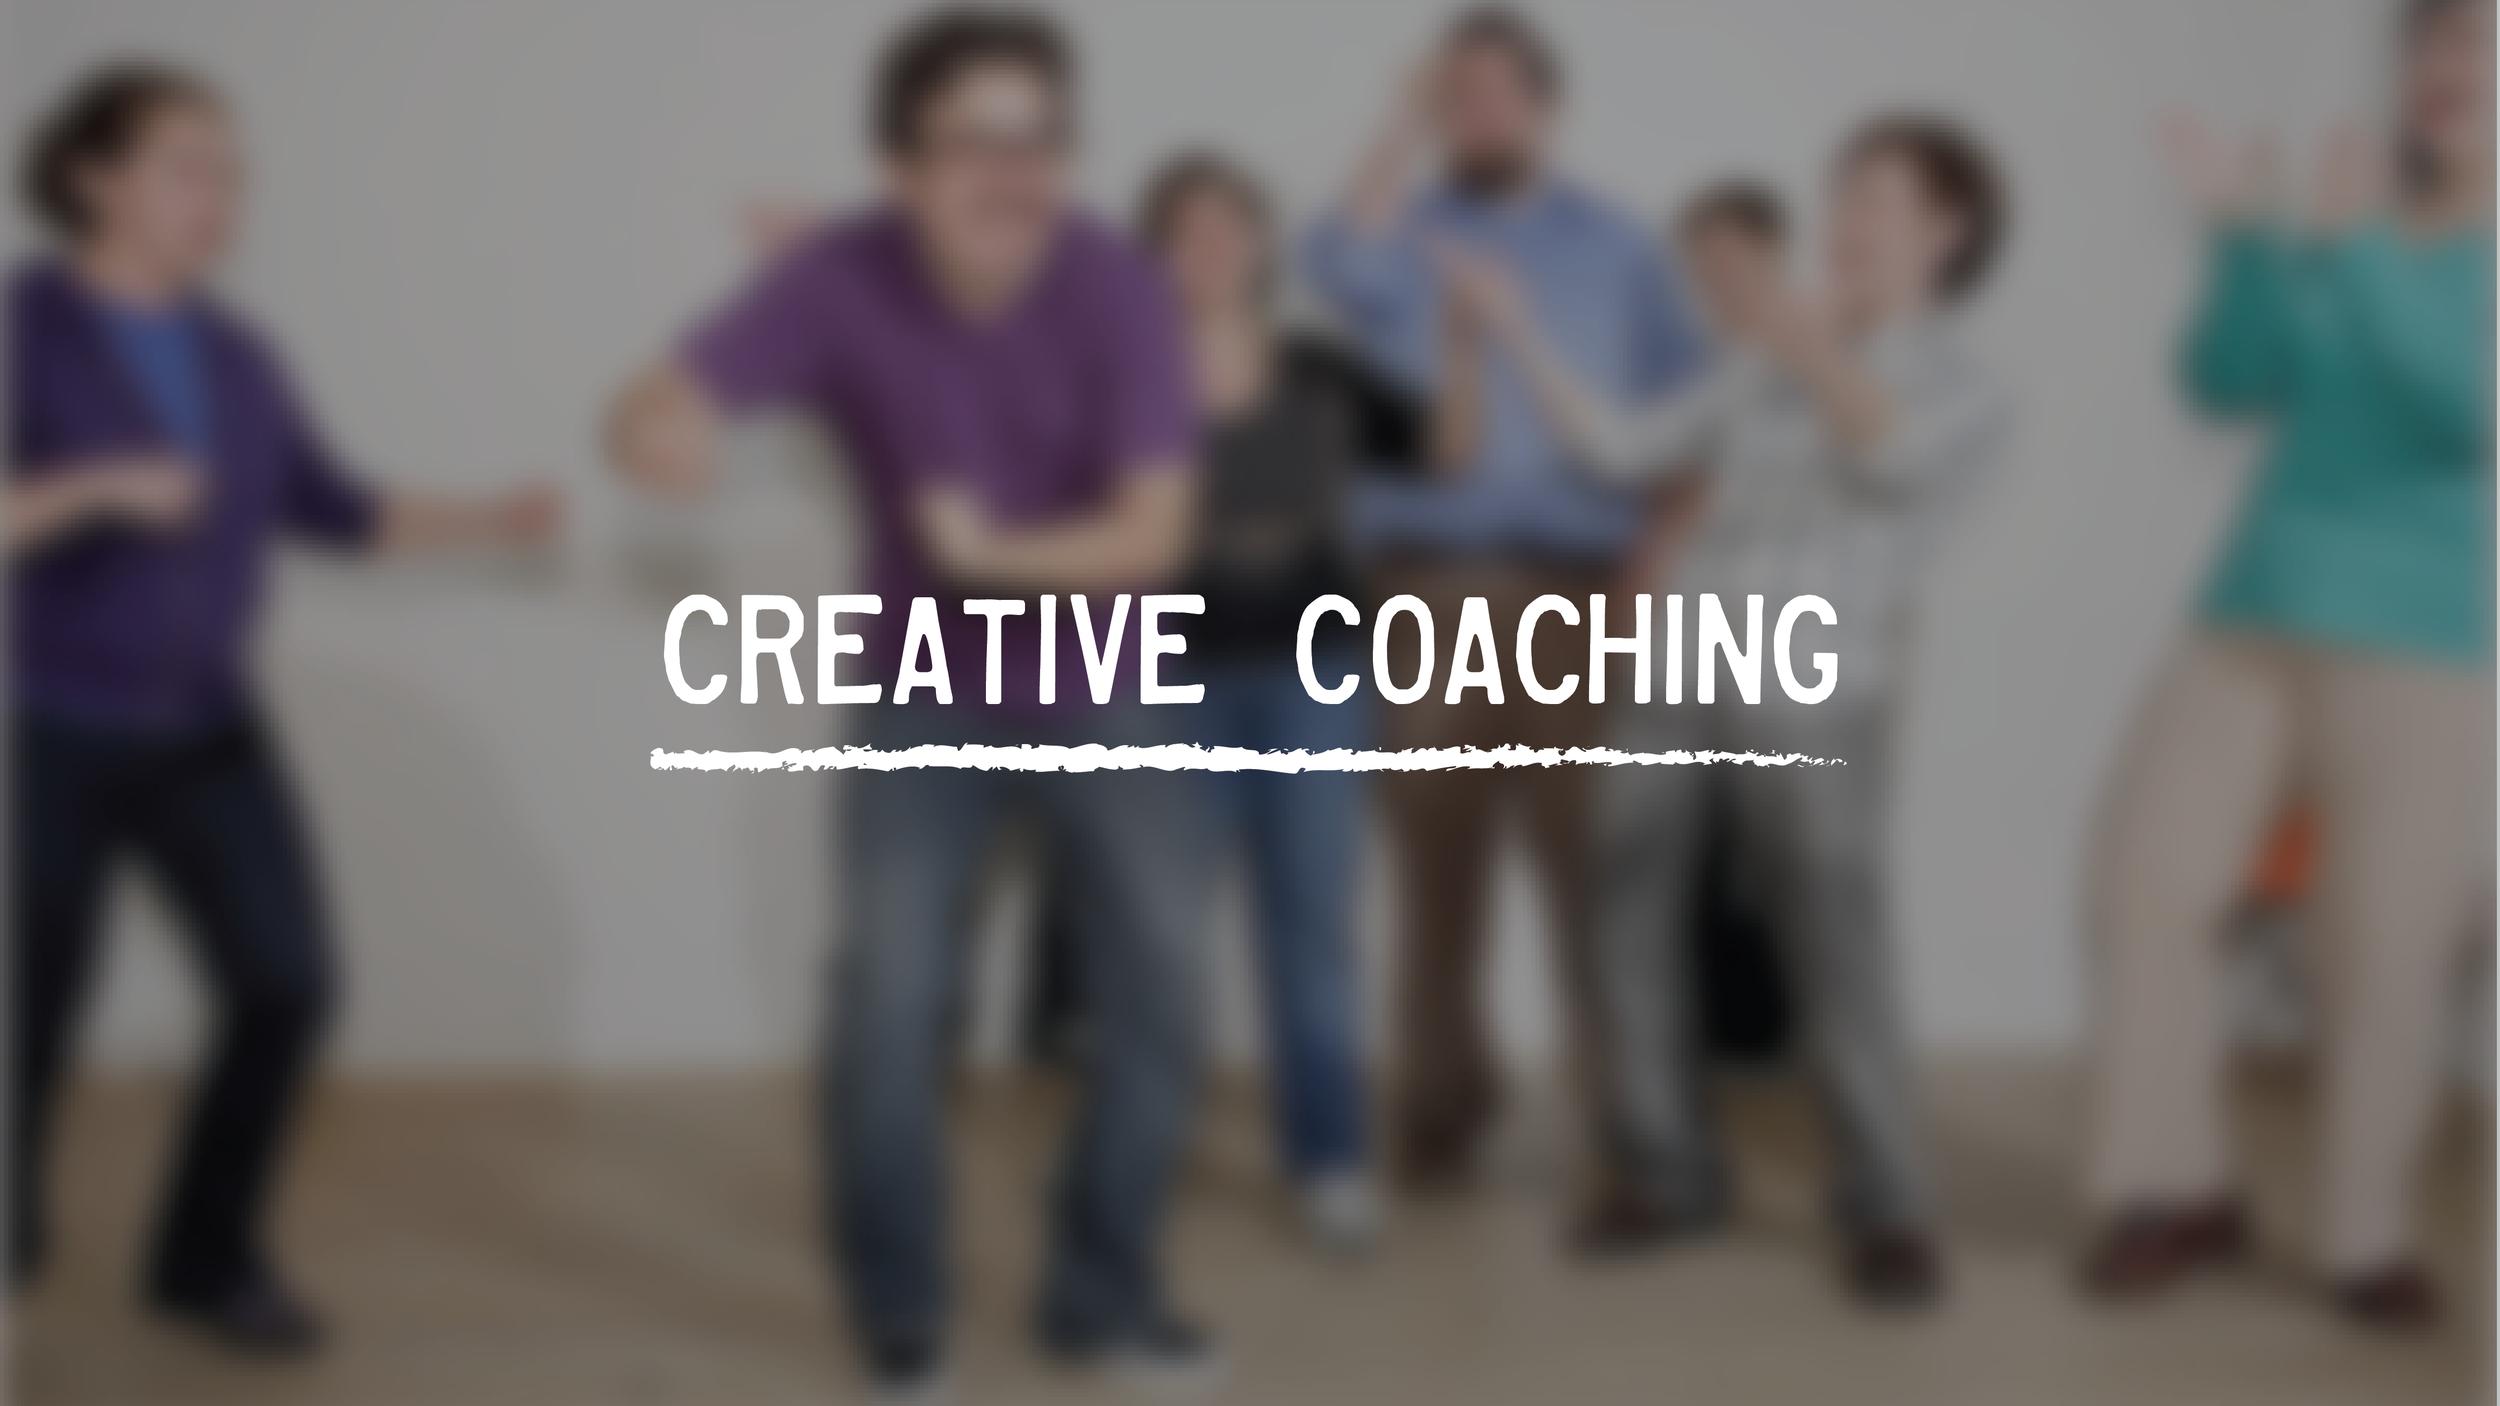 Creative Coaching Pic-01.png